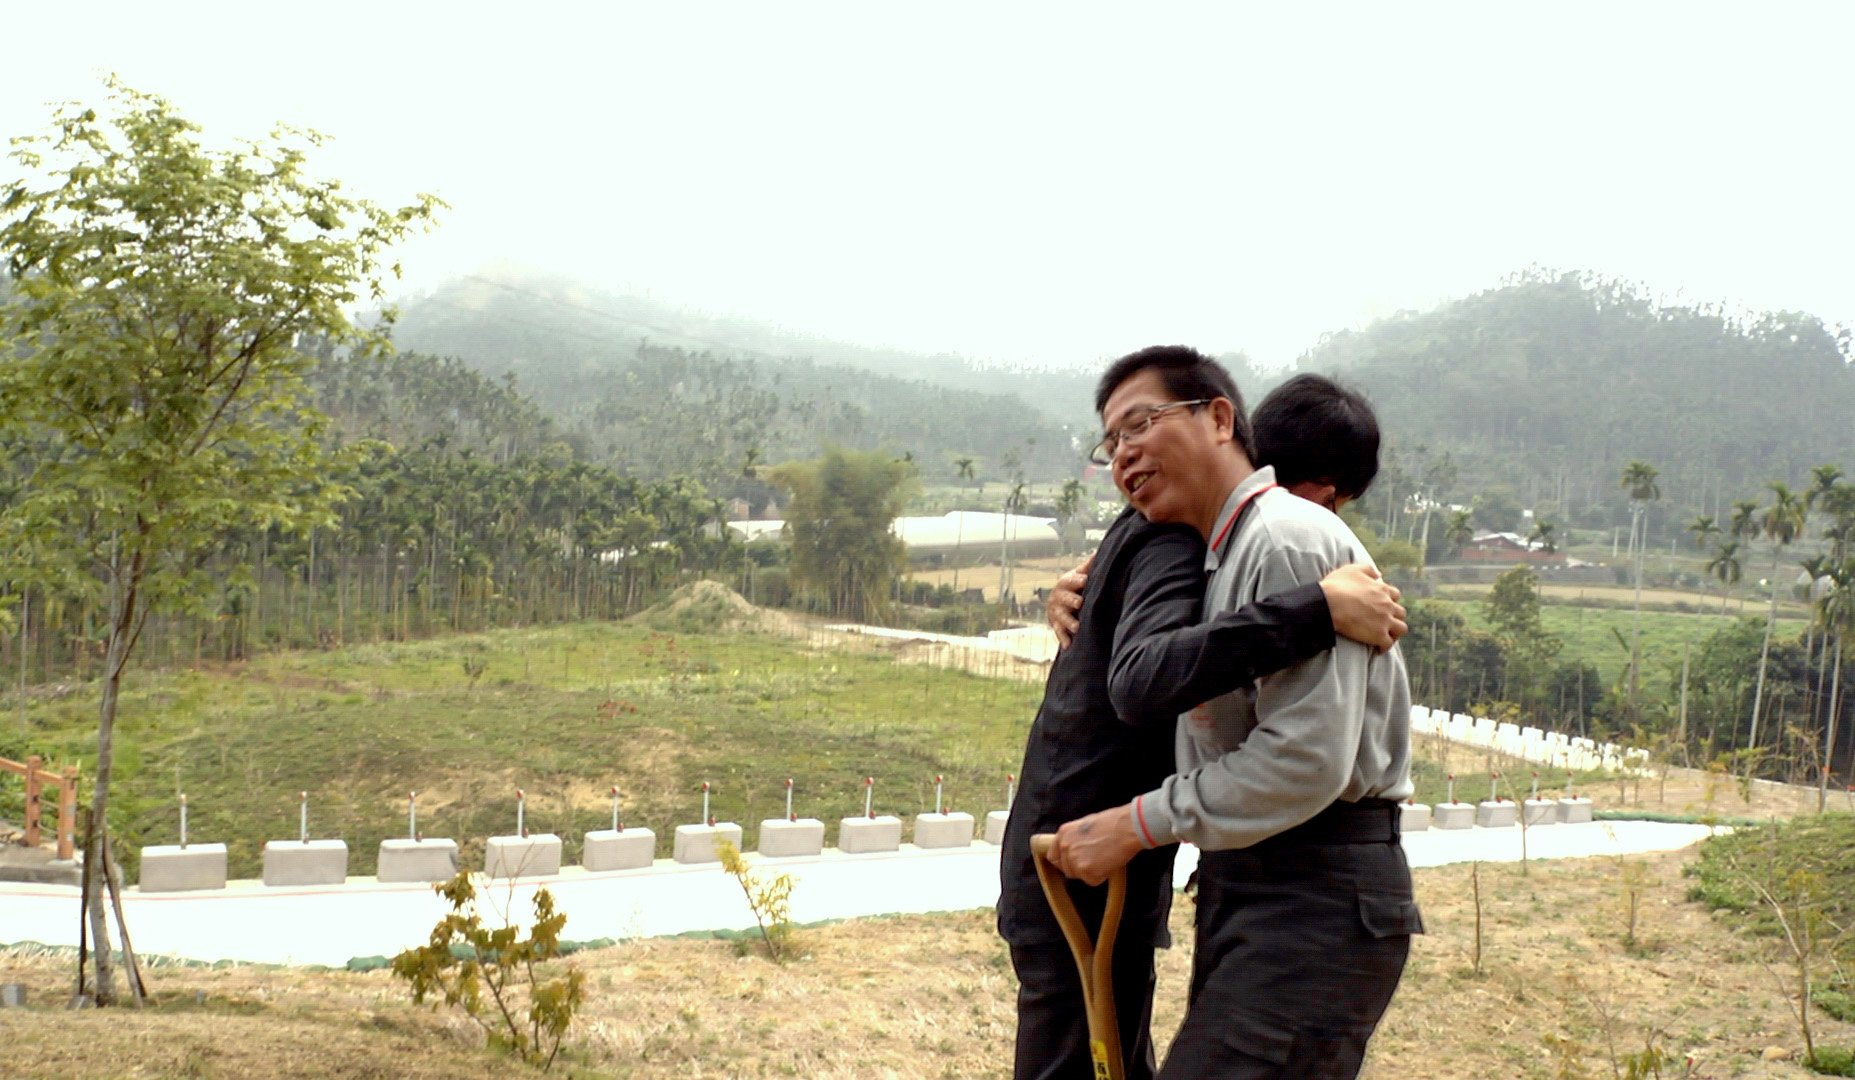 在林太太的葬礼上,林先生与辅仁大学医学系的学生拥抱。